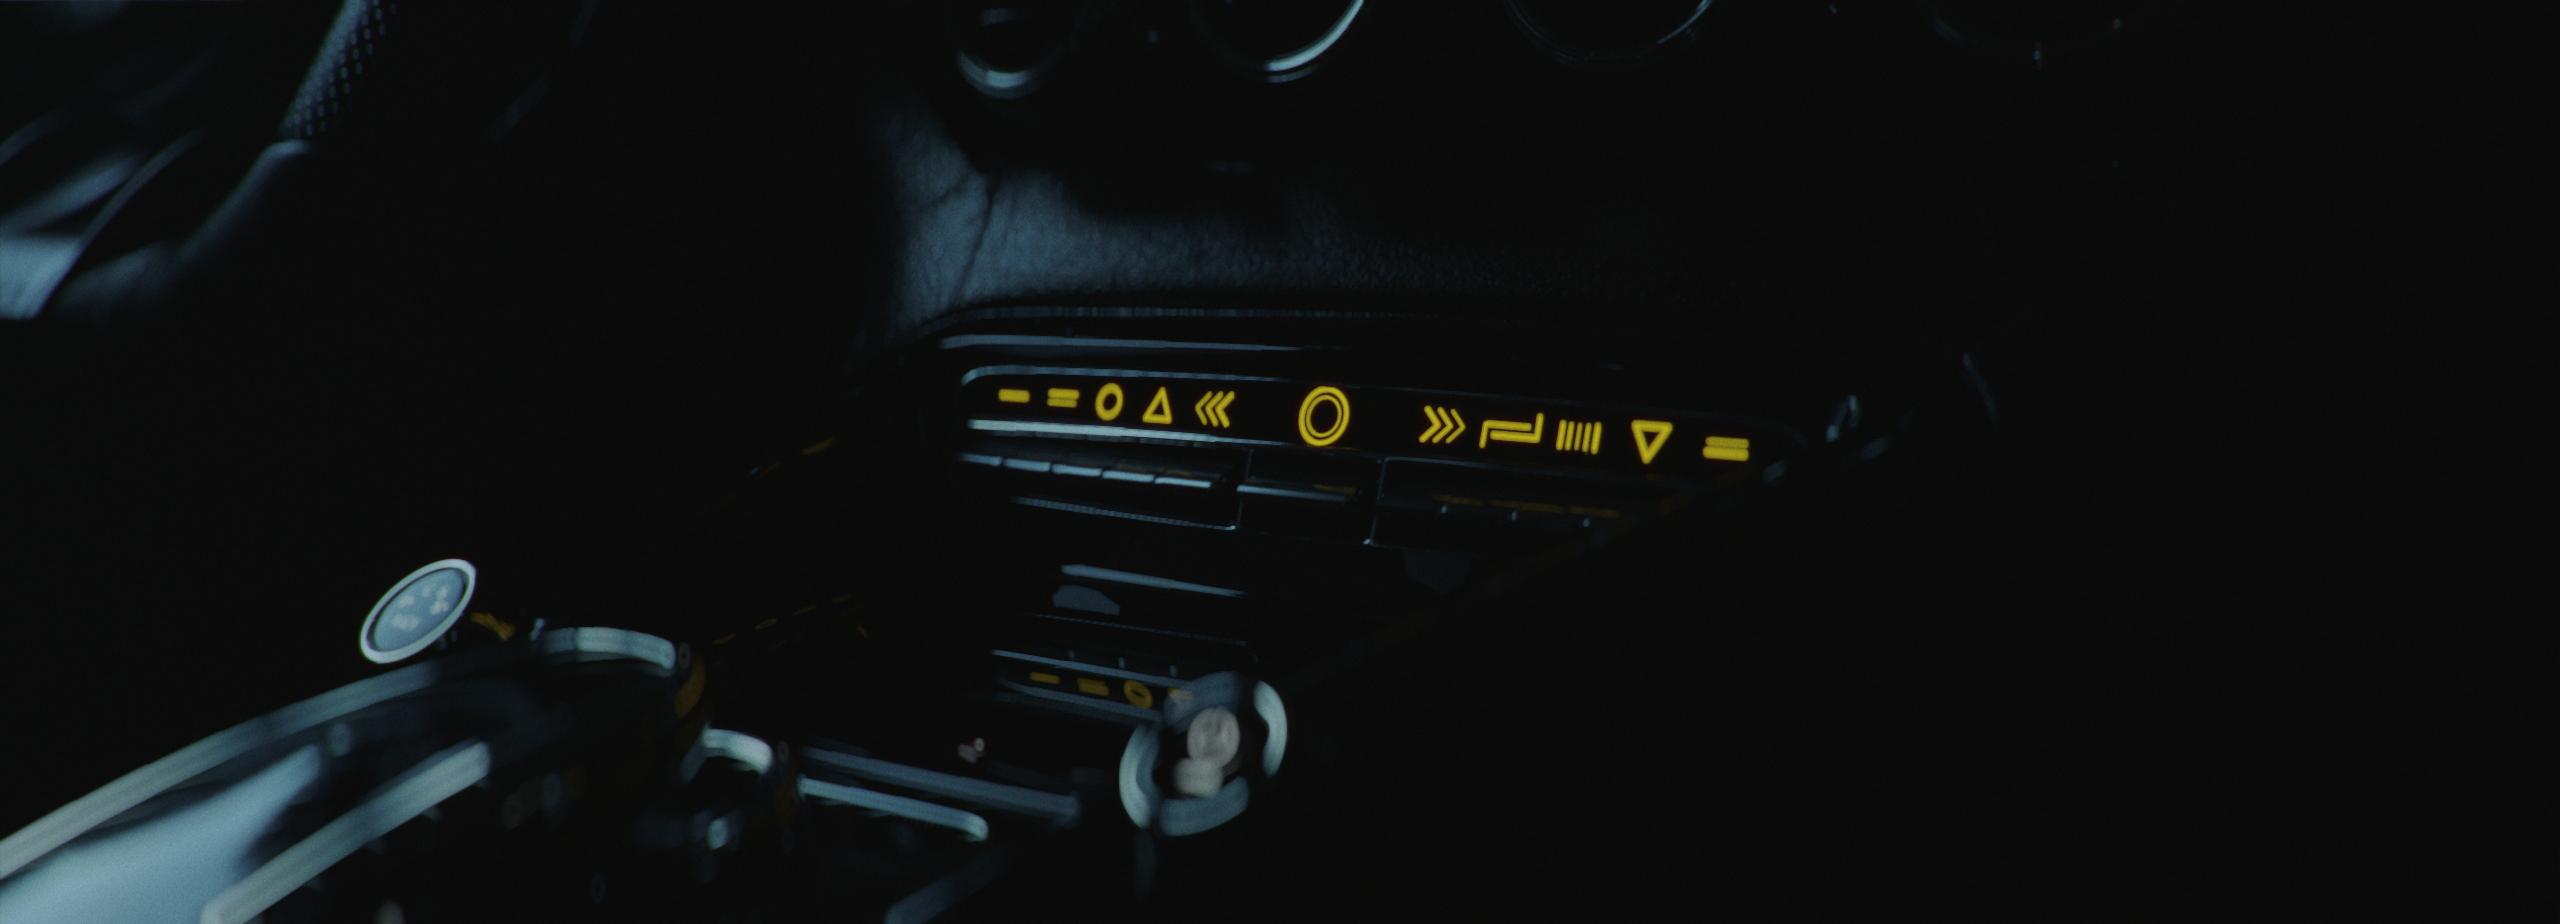 AMG_GT_interior_v07